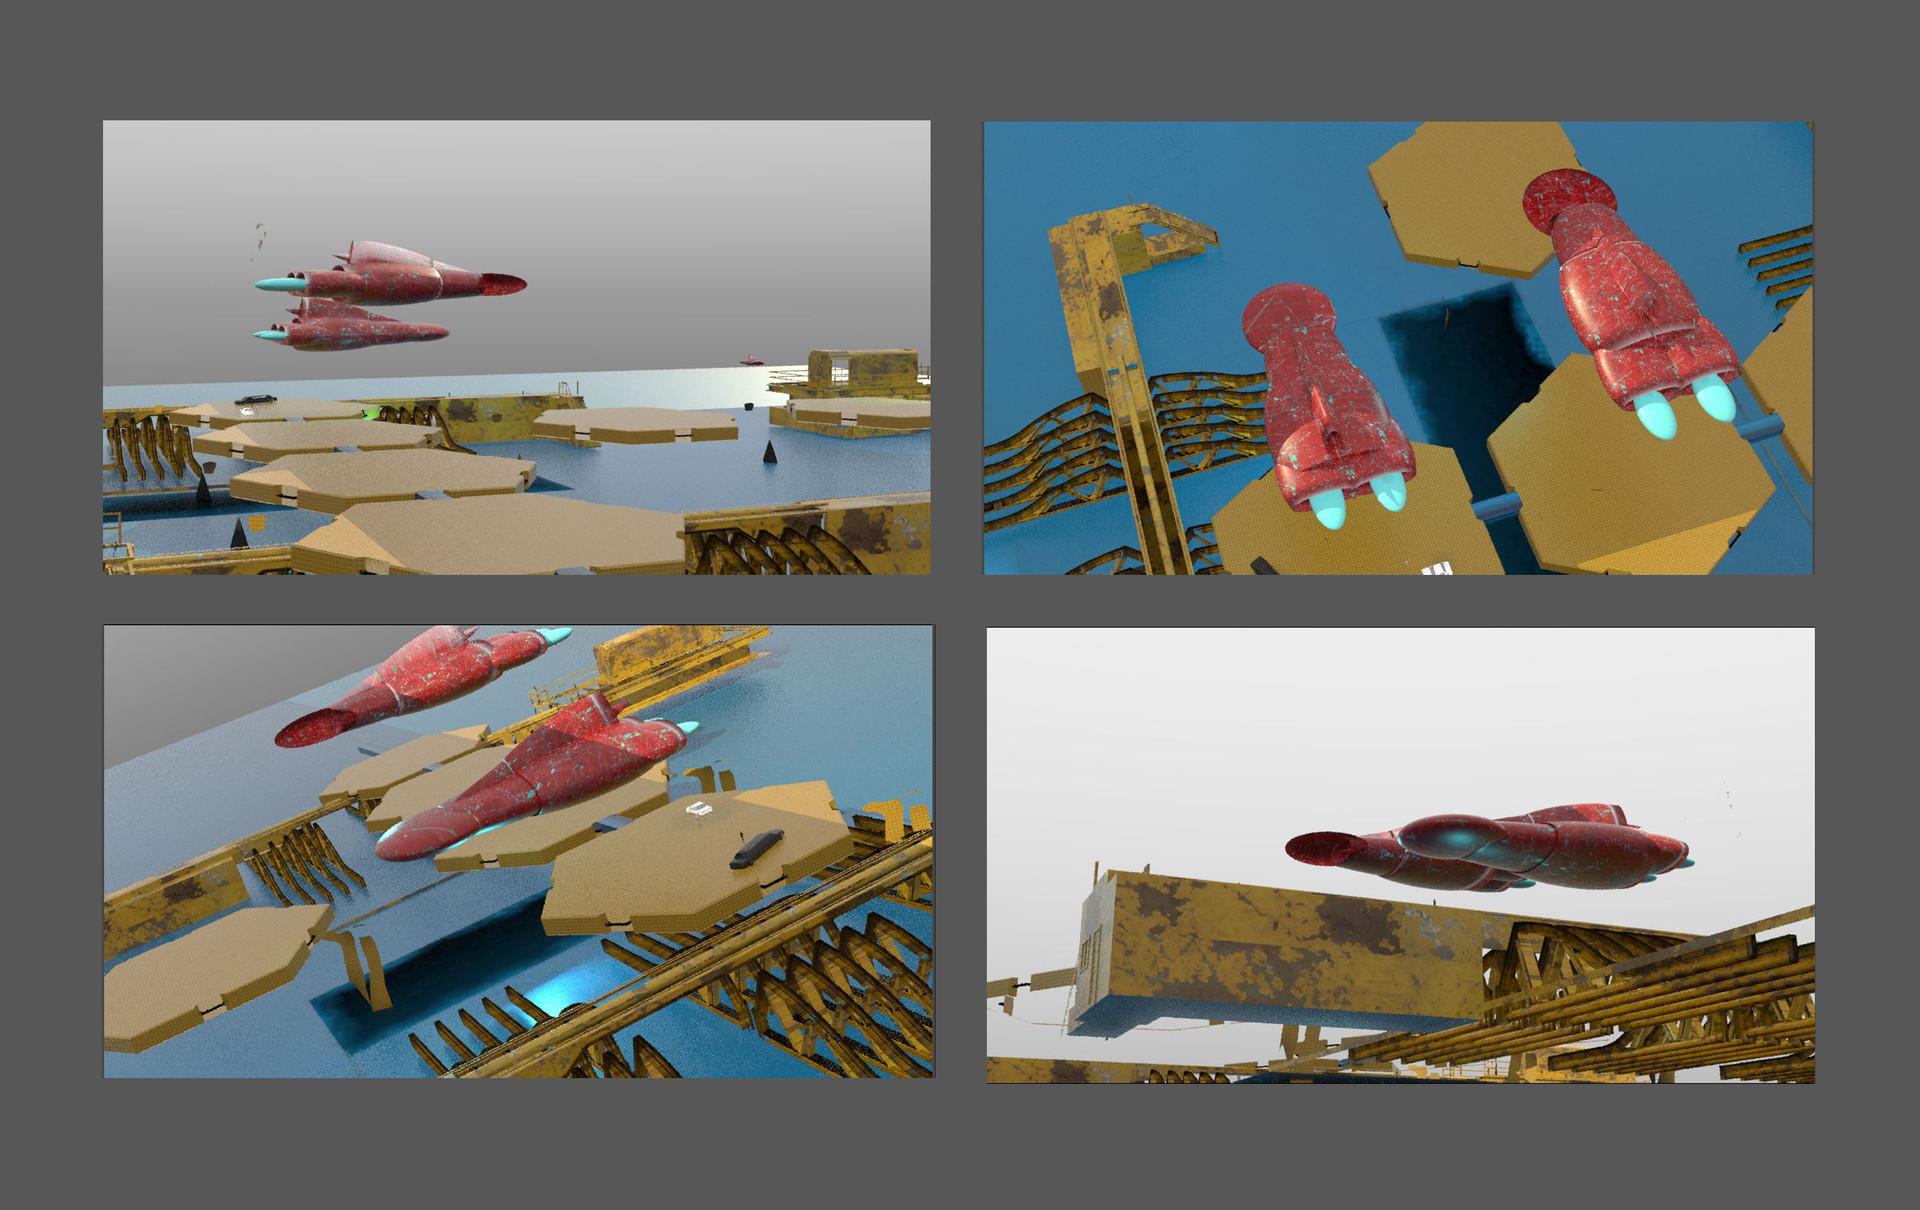 Pace porter zasada scifi dock 26 shots